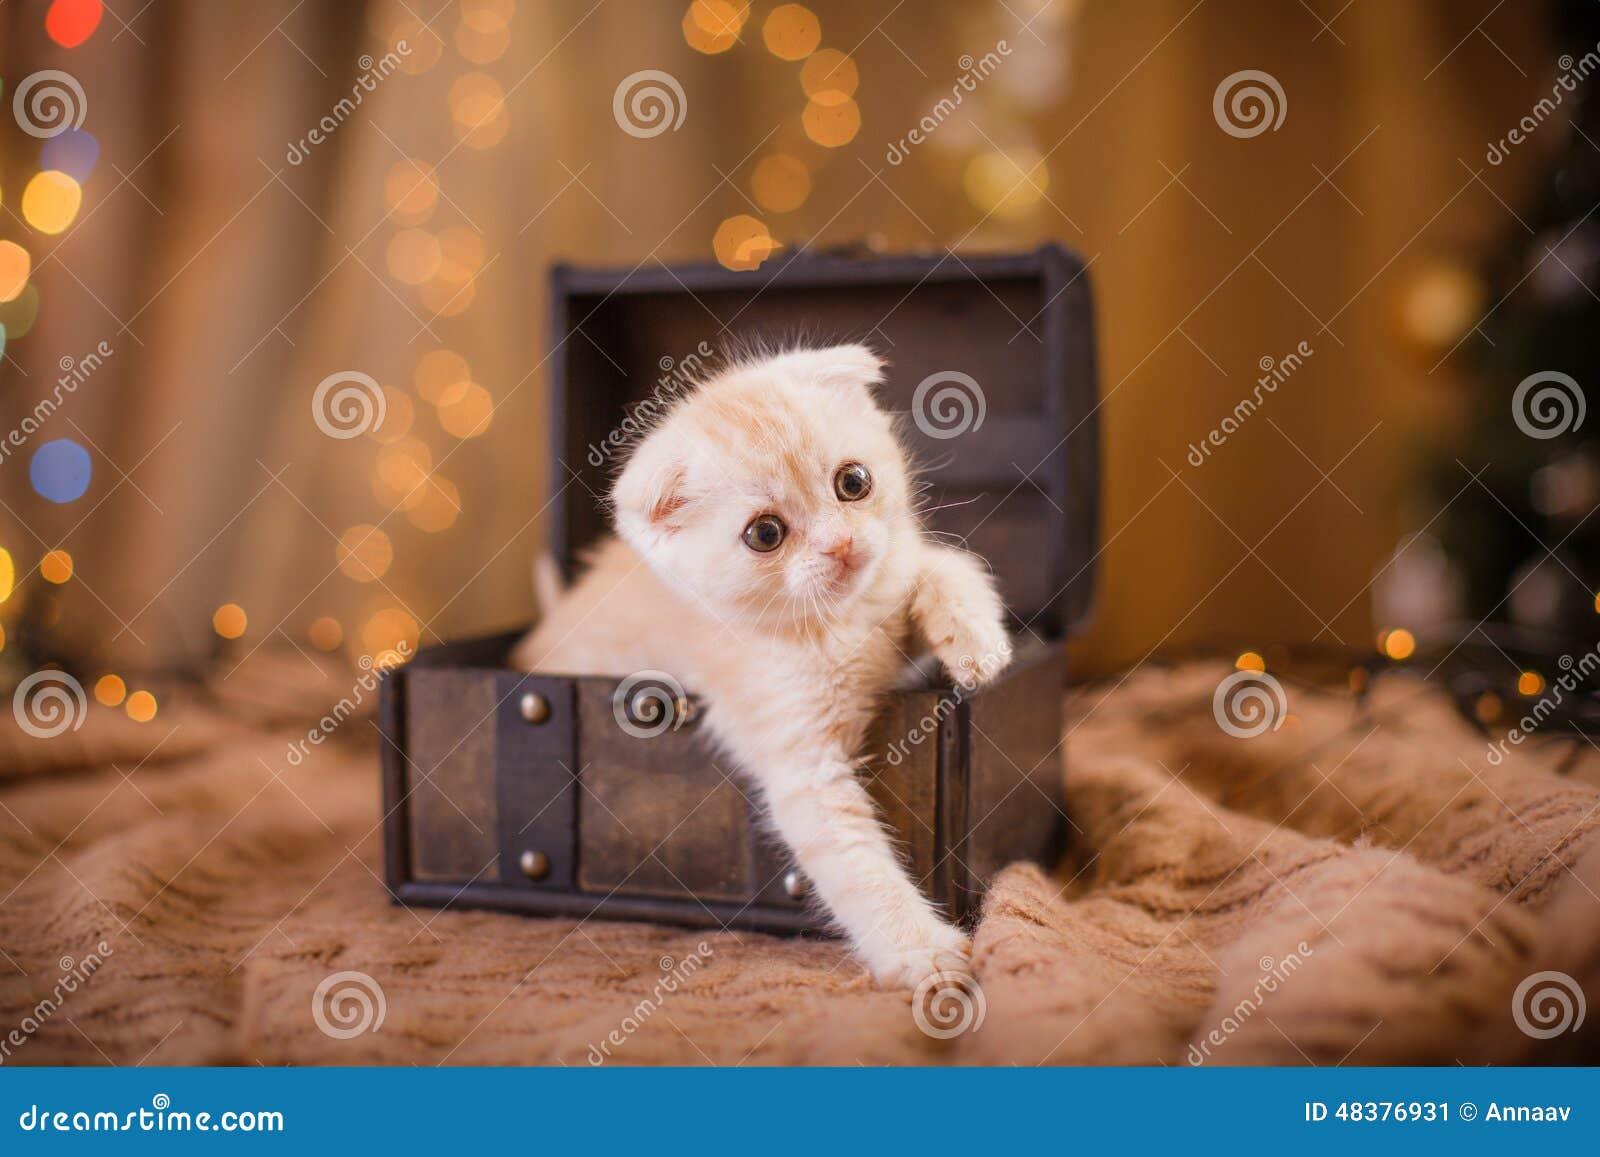 Britisches Kätzchen, Weihnachten Und Neues Jahr Stockbild - Bild von ...